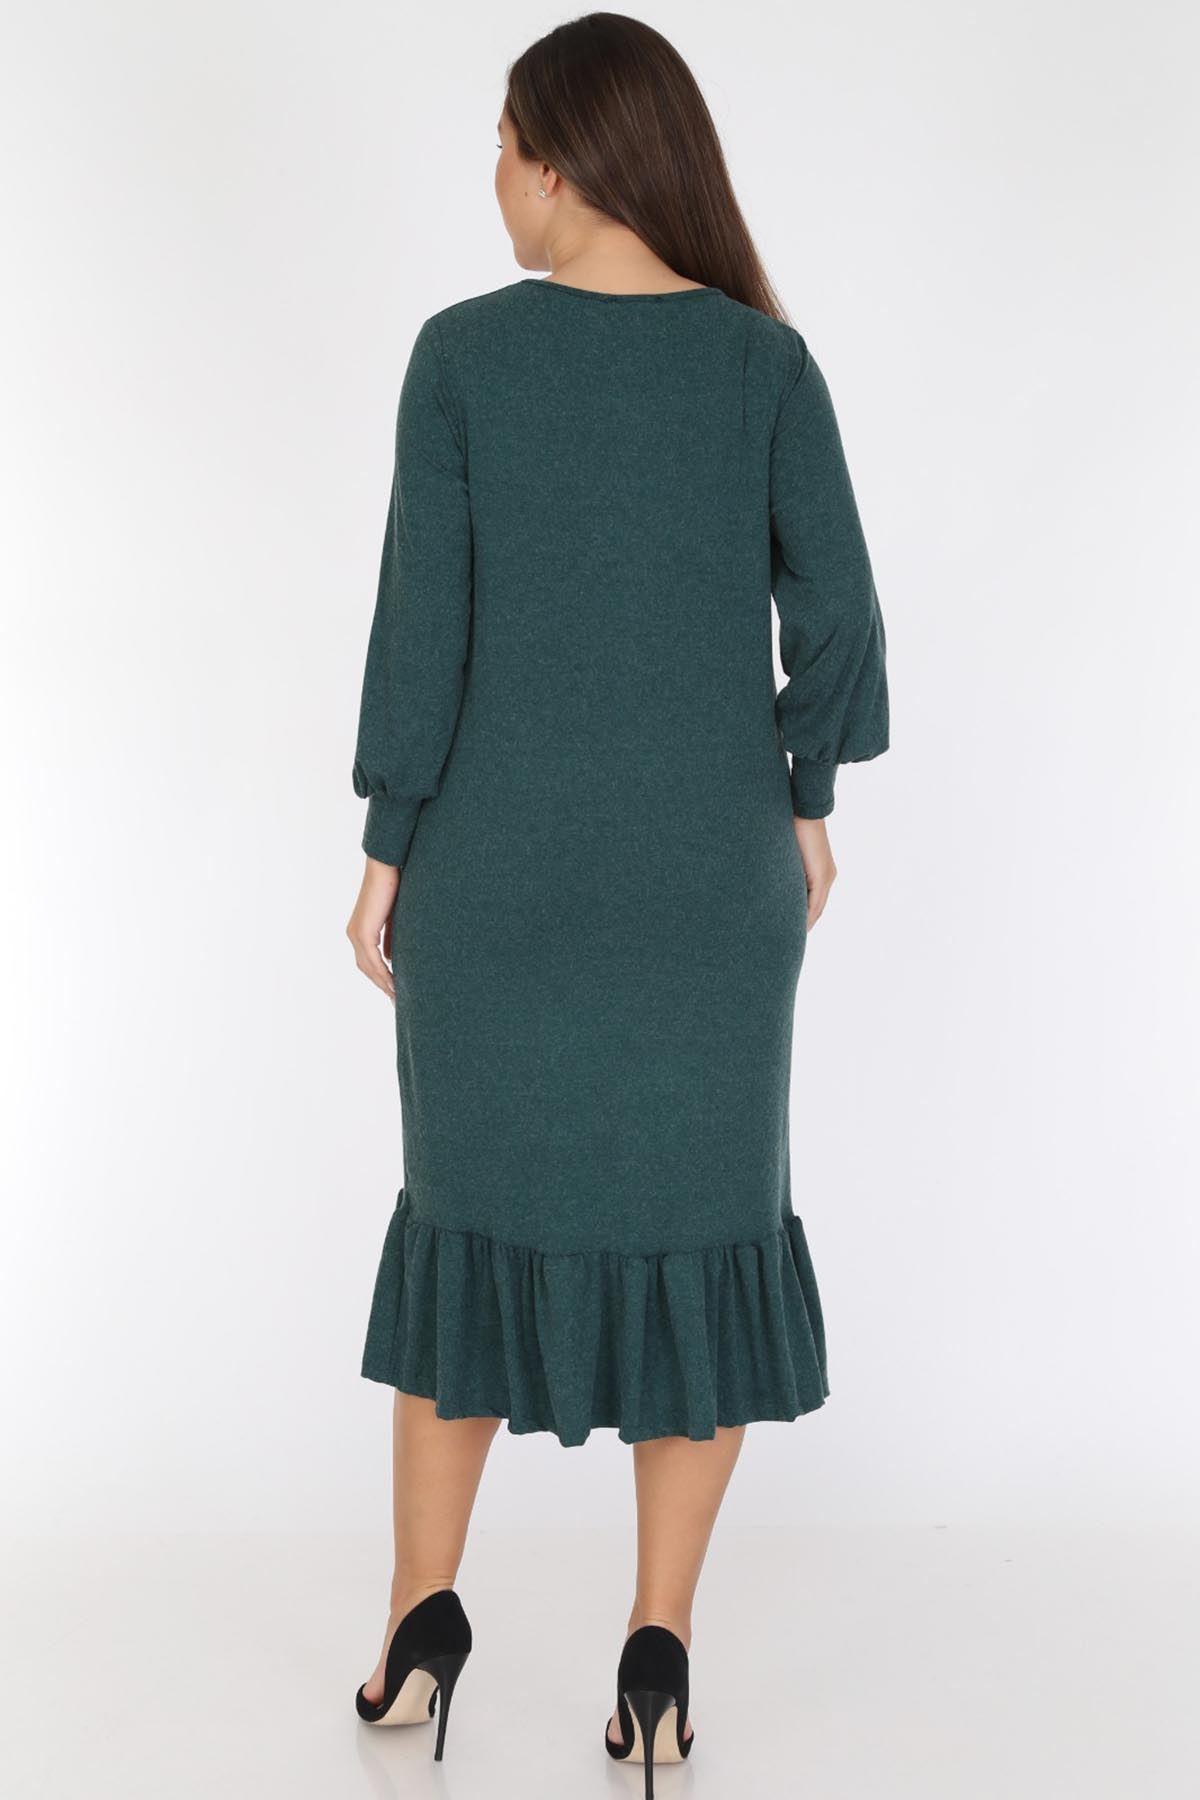 Yeşil Eteği Fırfırlı Büyük Beden Elbise 19C-0781